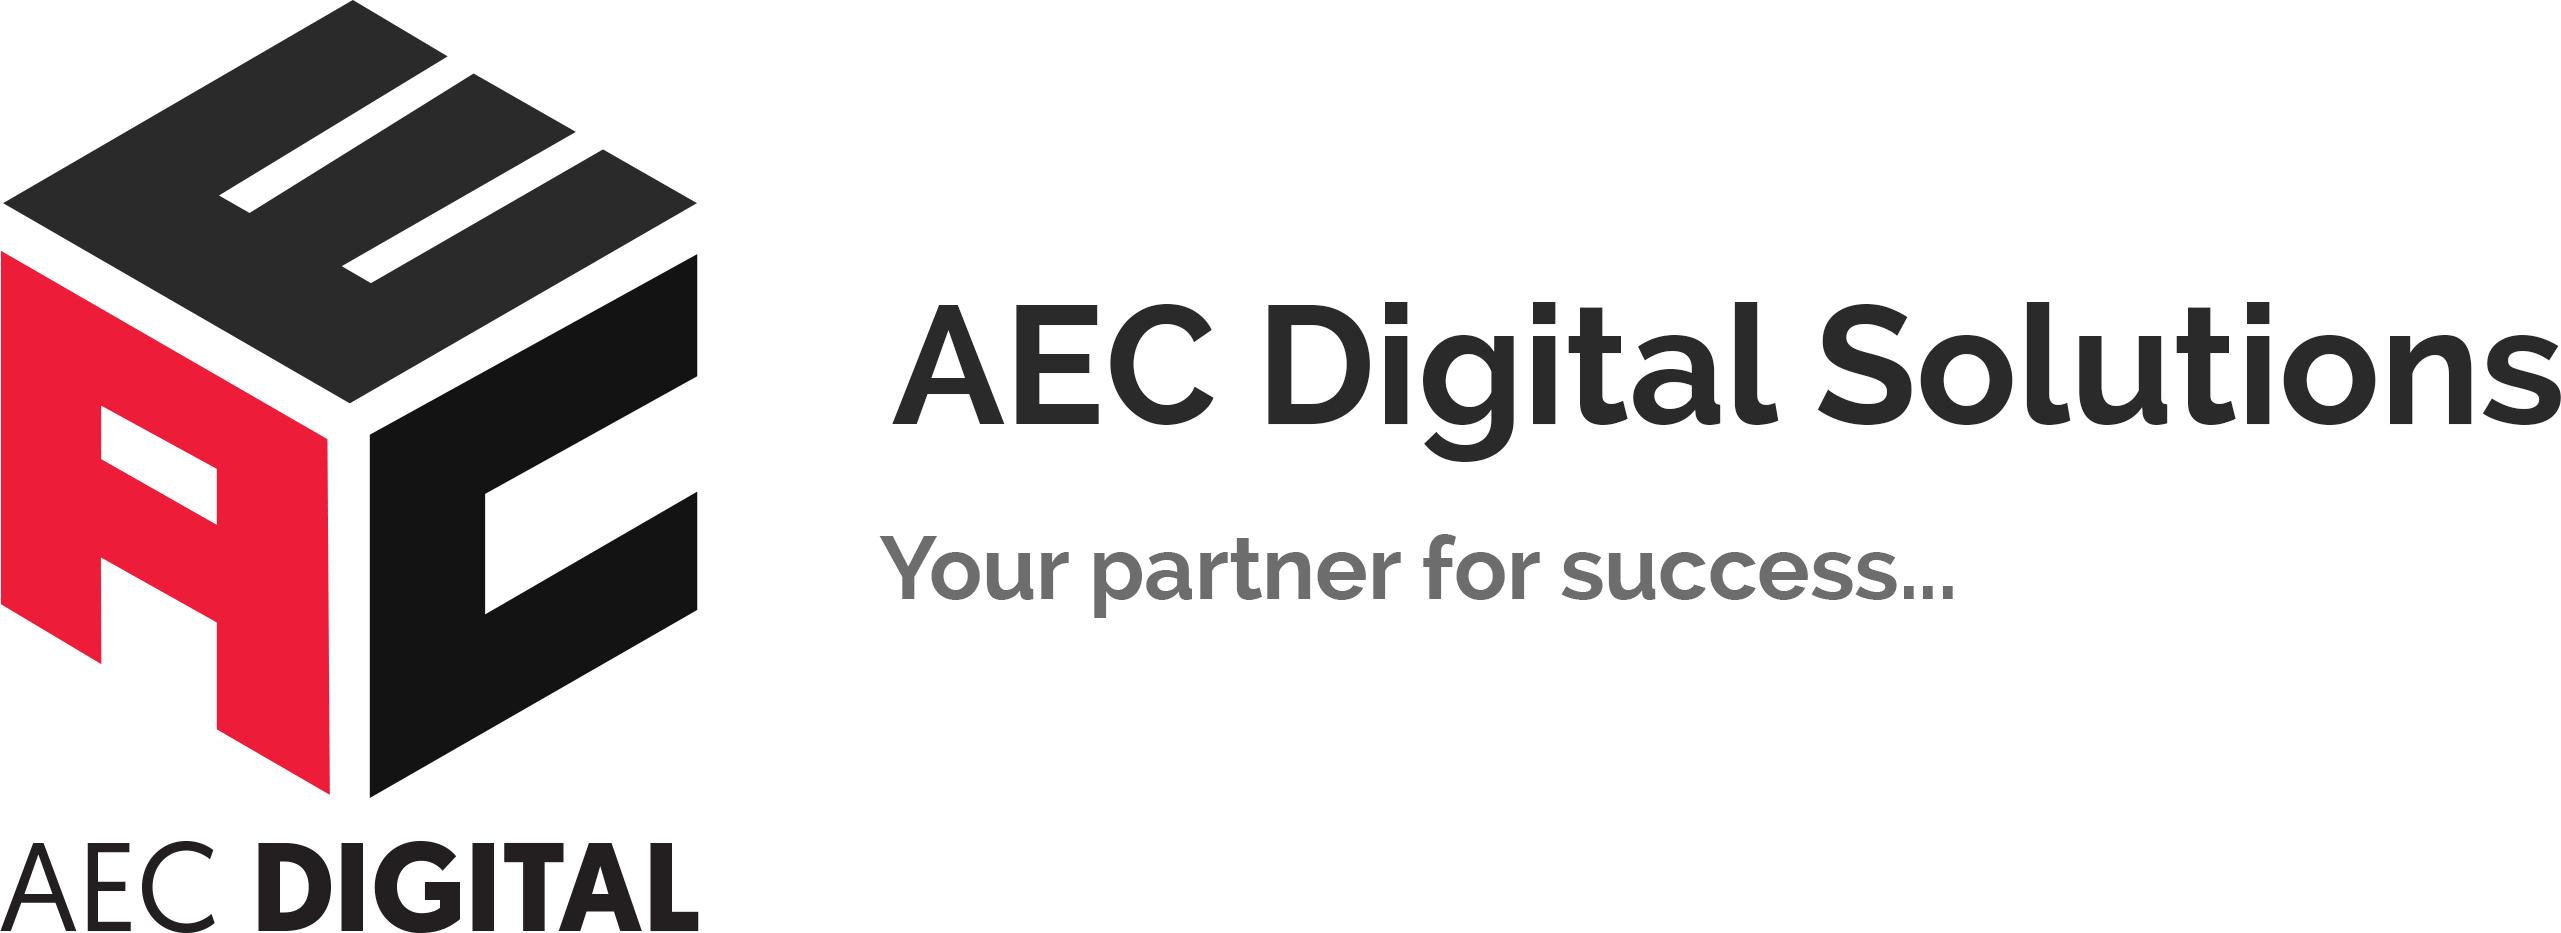 AEC Digital Solutions